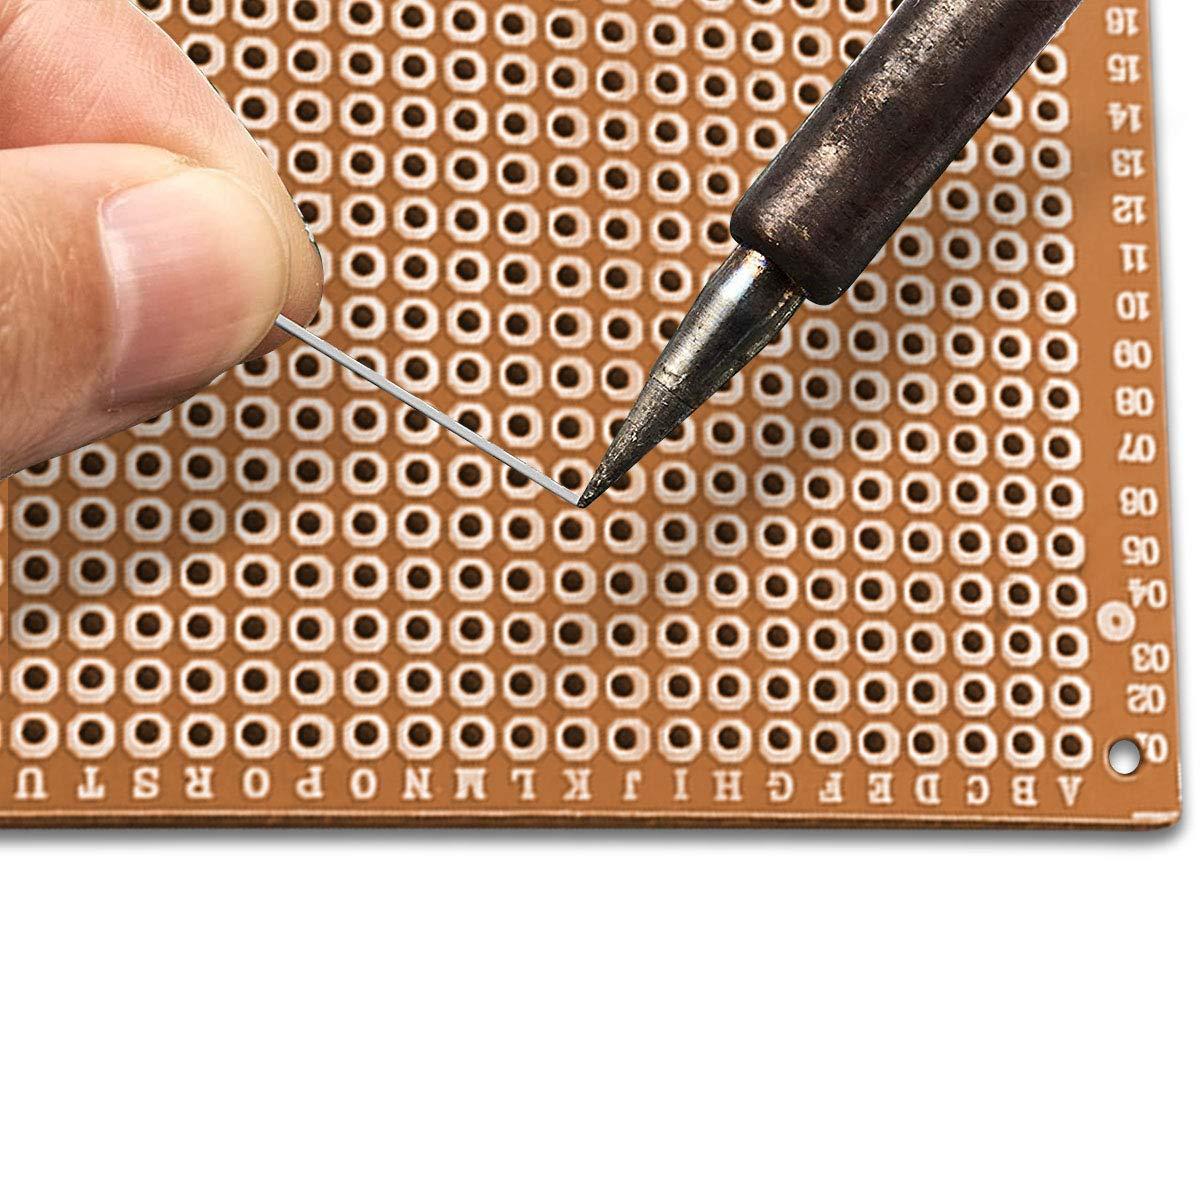 Universal-Leiterplatten,5 x 7cm Leiterplatte Universal PCB Prototyp Board f/ür Prototyping und elektronische Erstellung von Projekten GTIWUNG 12 St/ück PCB Board Prototype Lochrasterplatte Kit